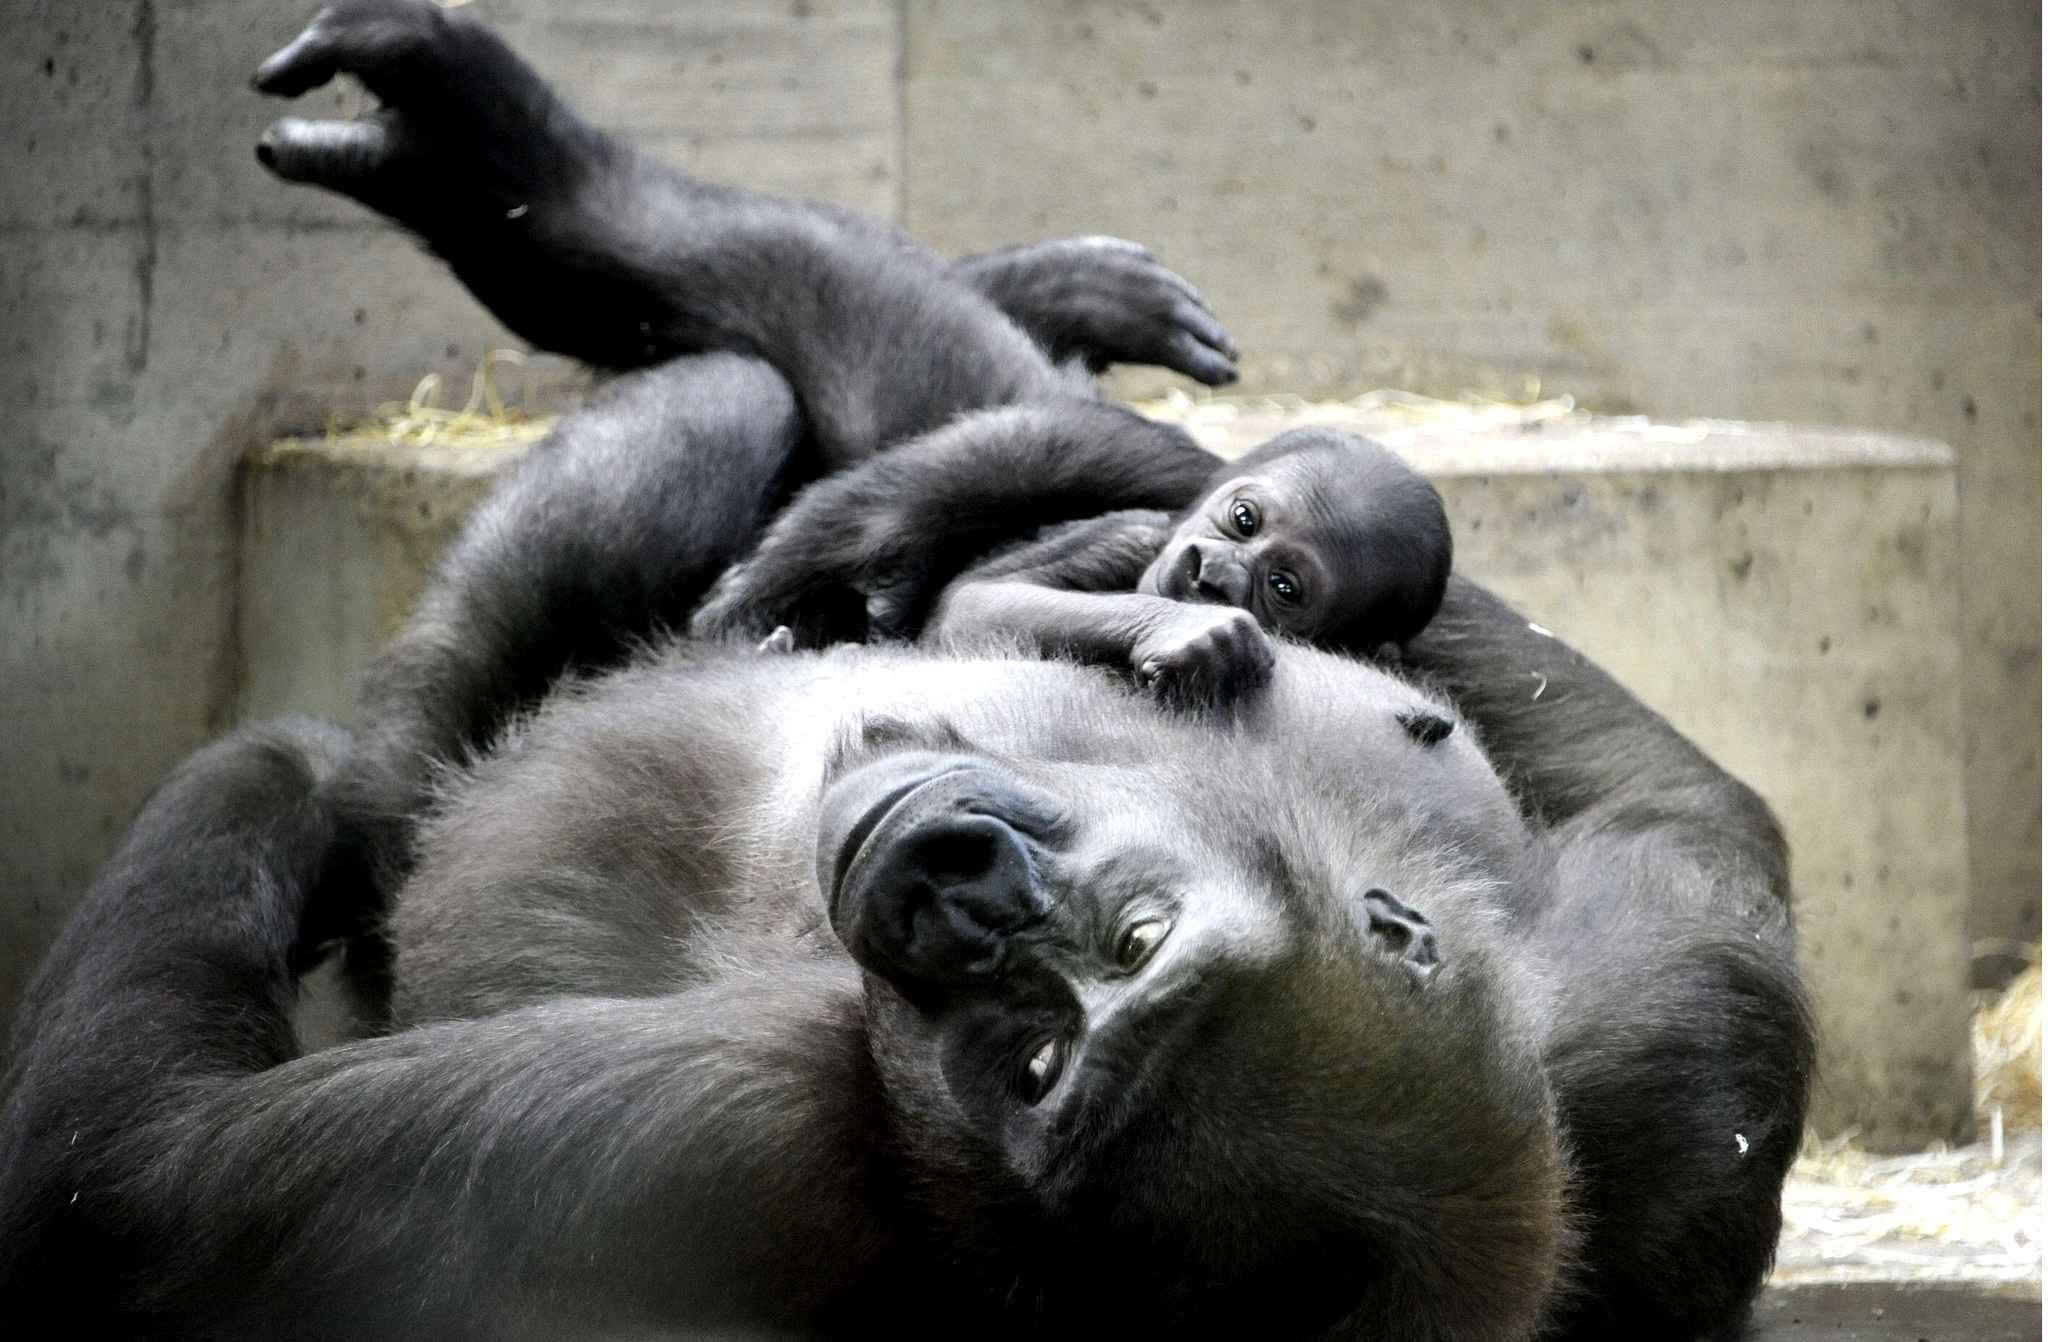 Une femelle gorille tient son premier né dans ses bras au zoo deWilhelmaà Stuttgart en Allemagne.